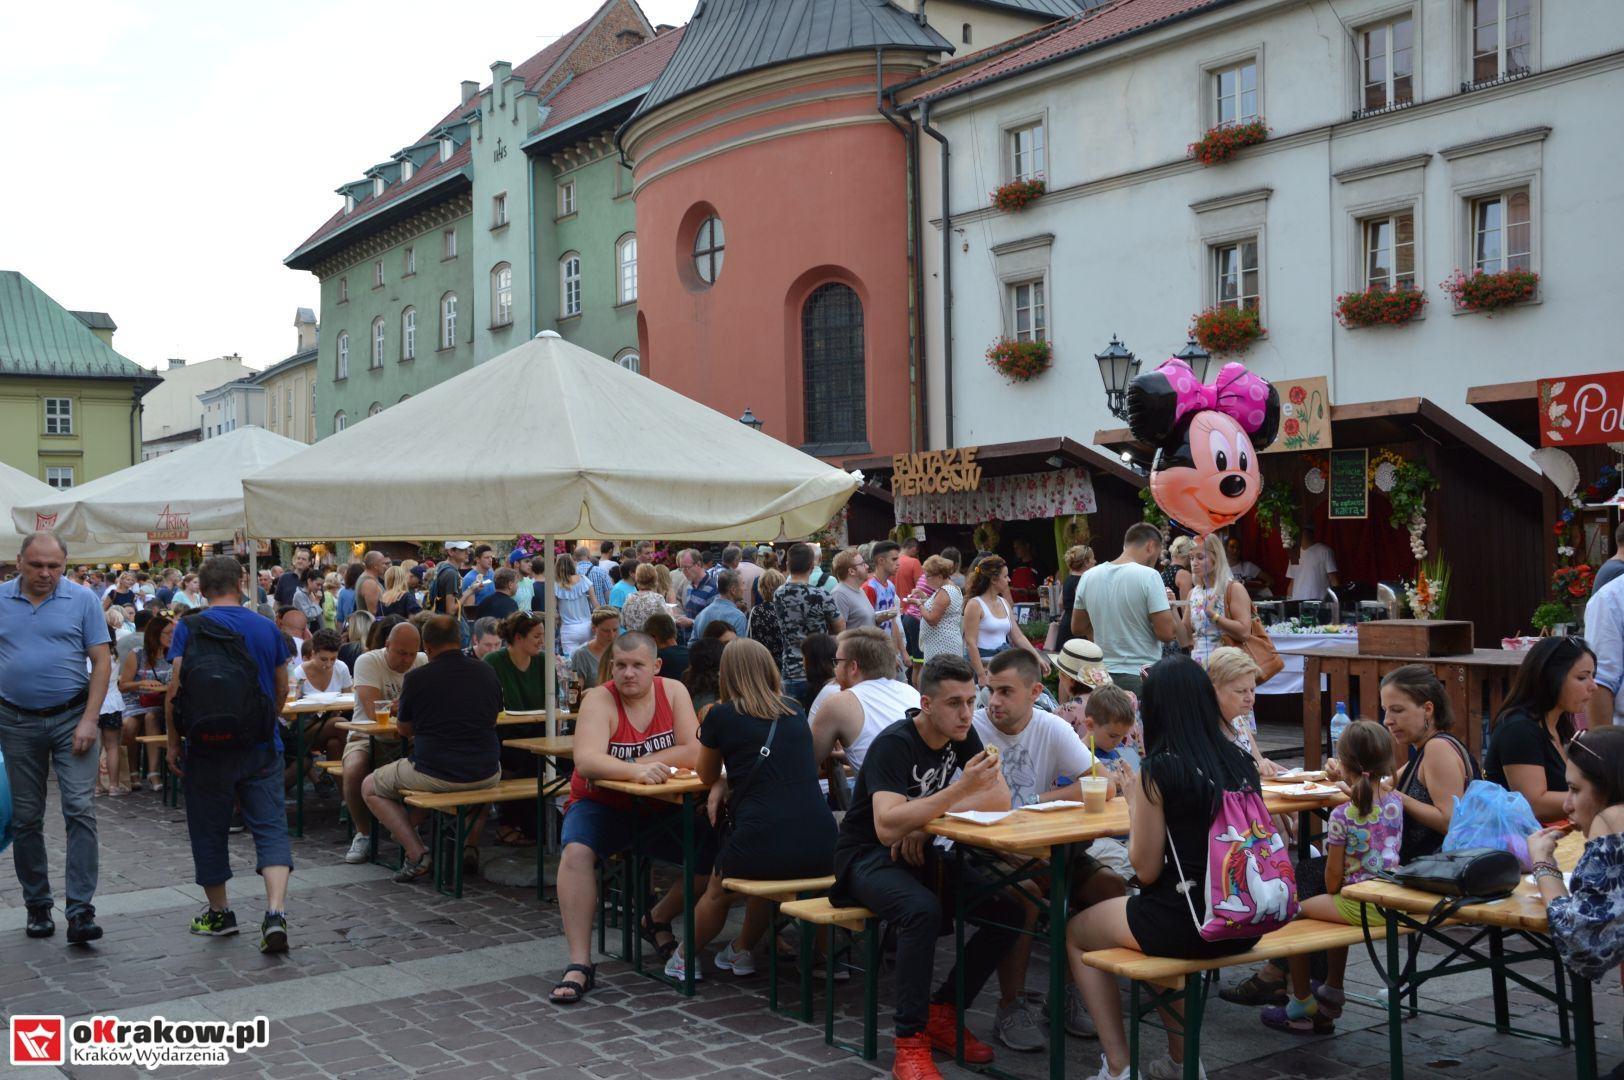 krakow festiwal pierogow maly rynek koncert cheap tobacco 46 150x150 - Galeria zdjęć Festiwal Pierogów Kraków 2018 + zdjęcia z koncertu Cheap Tobacco